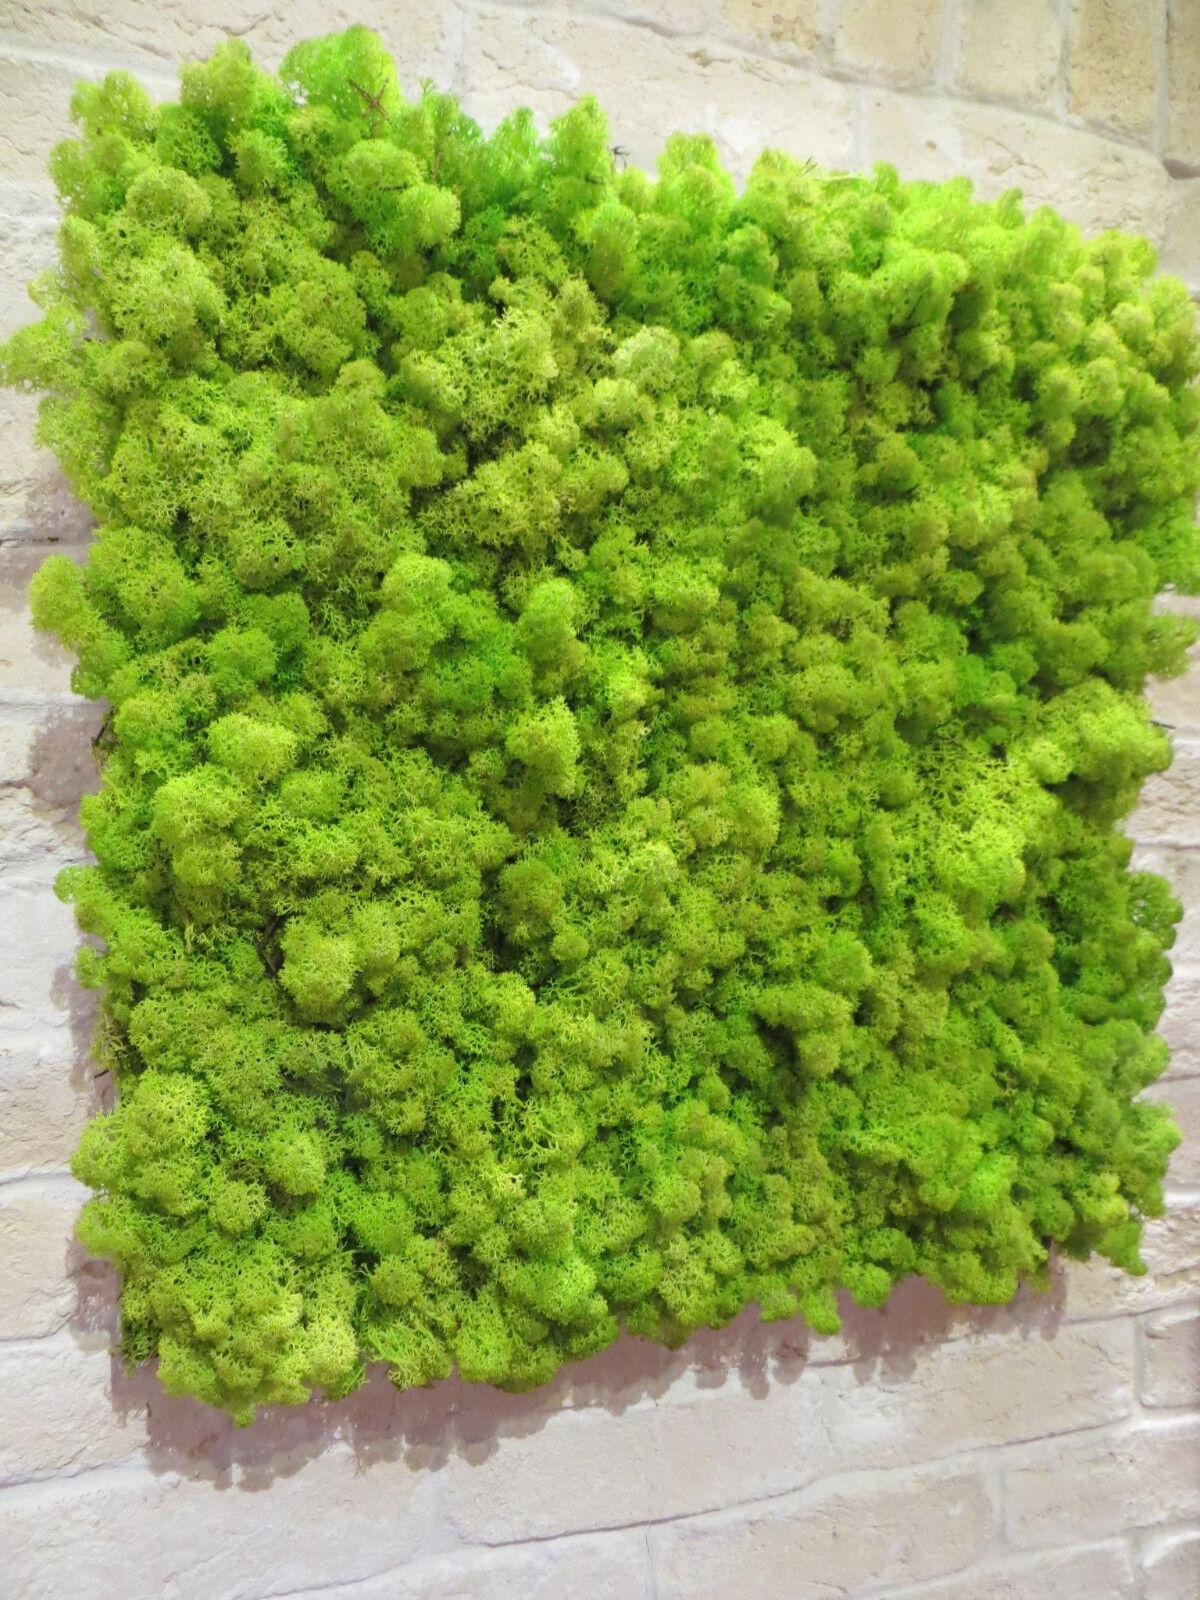 Wandbild - Moosbild - Wanddekoration - Islandmoos   Rentiermoos - Frühlingsgrün